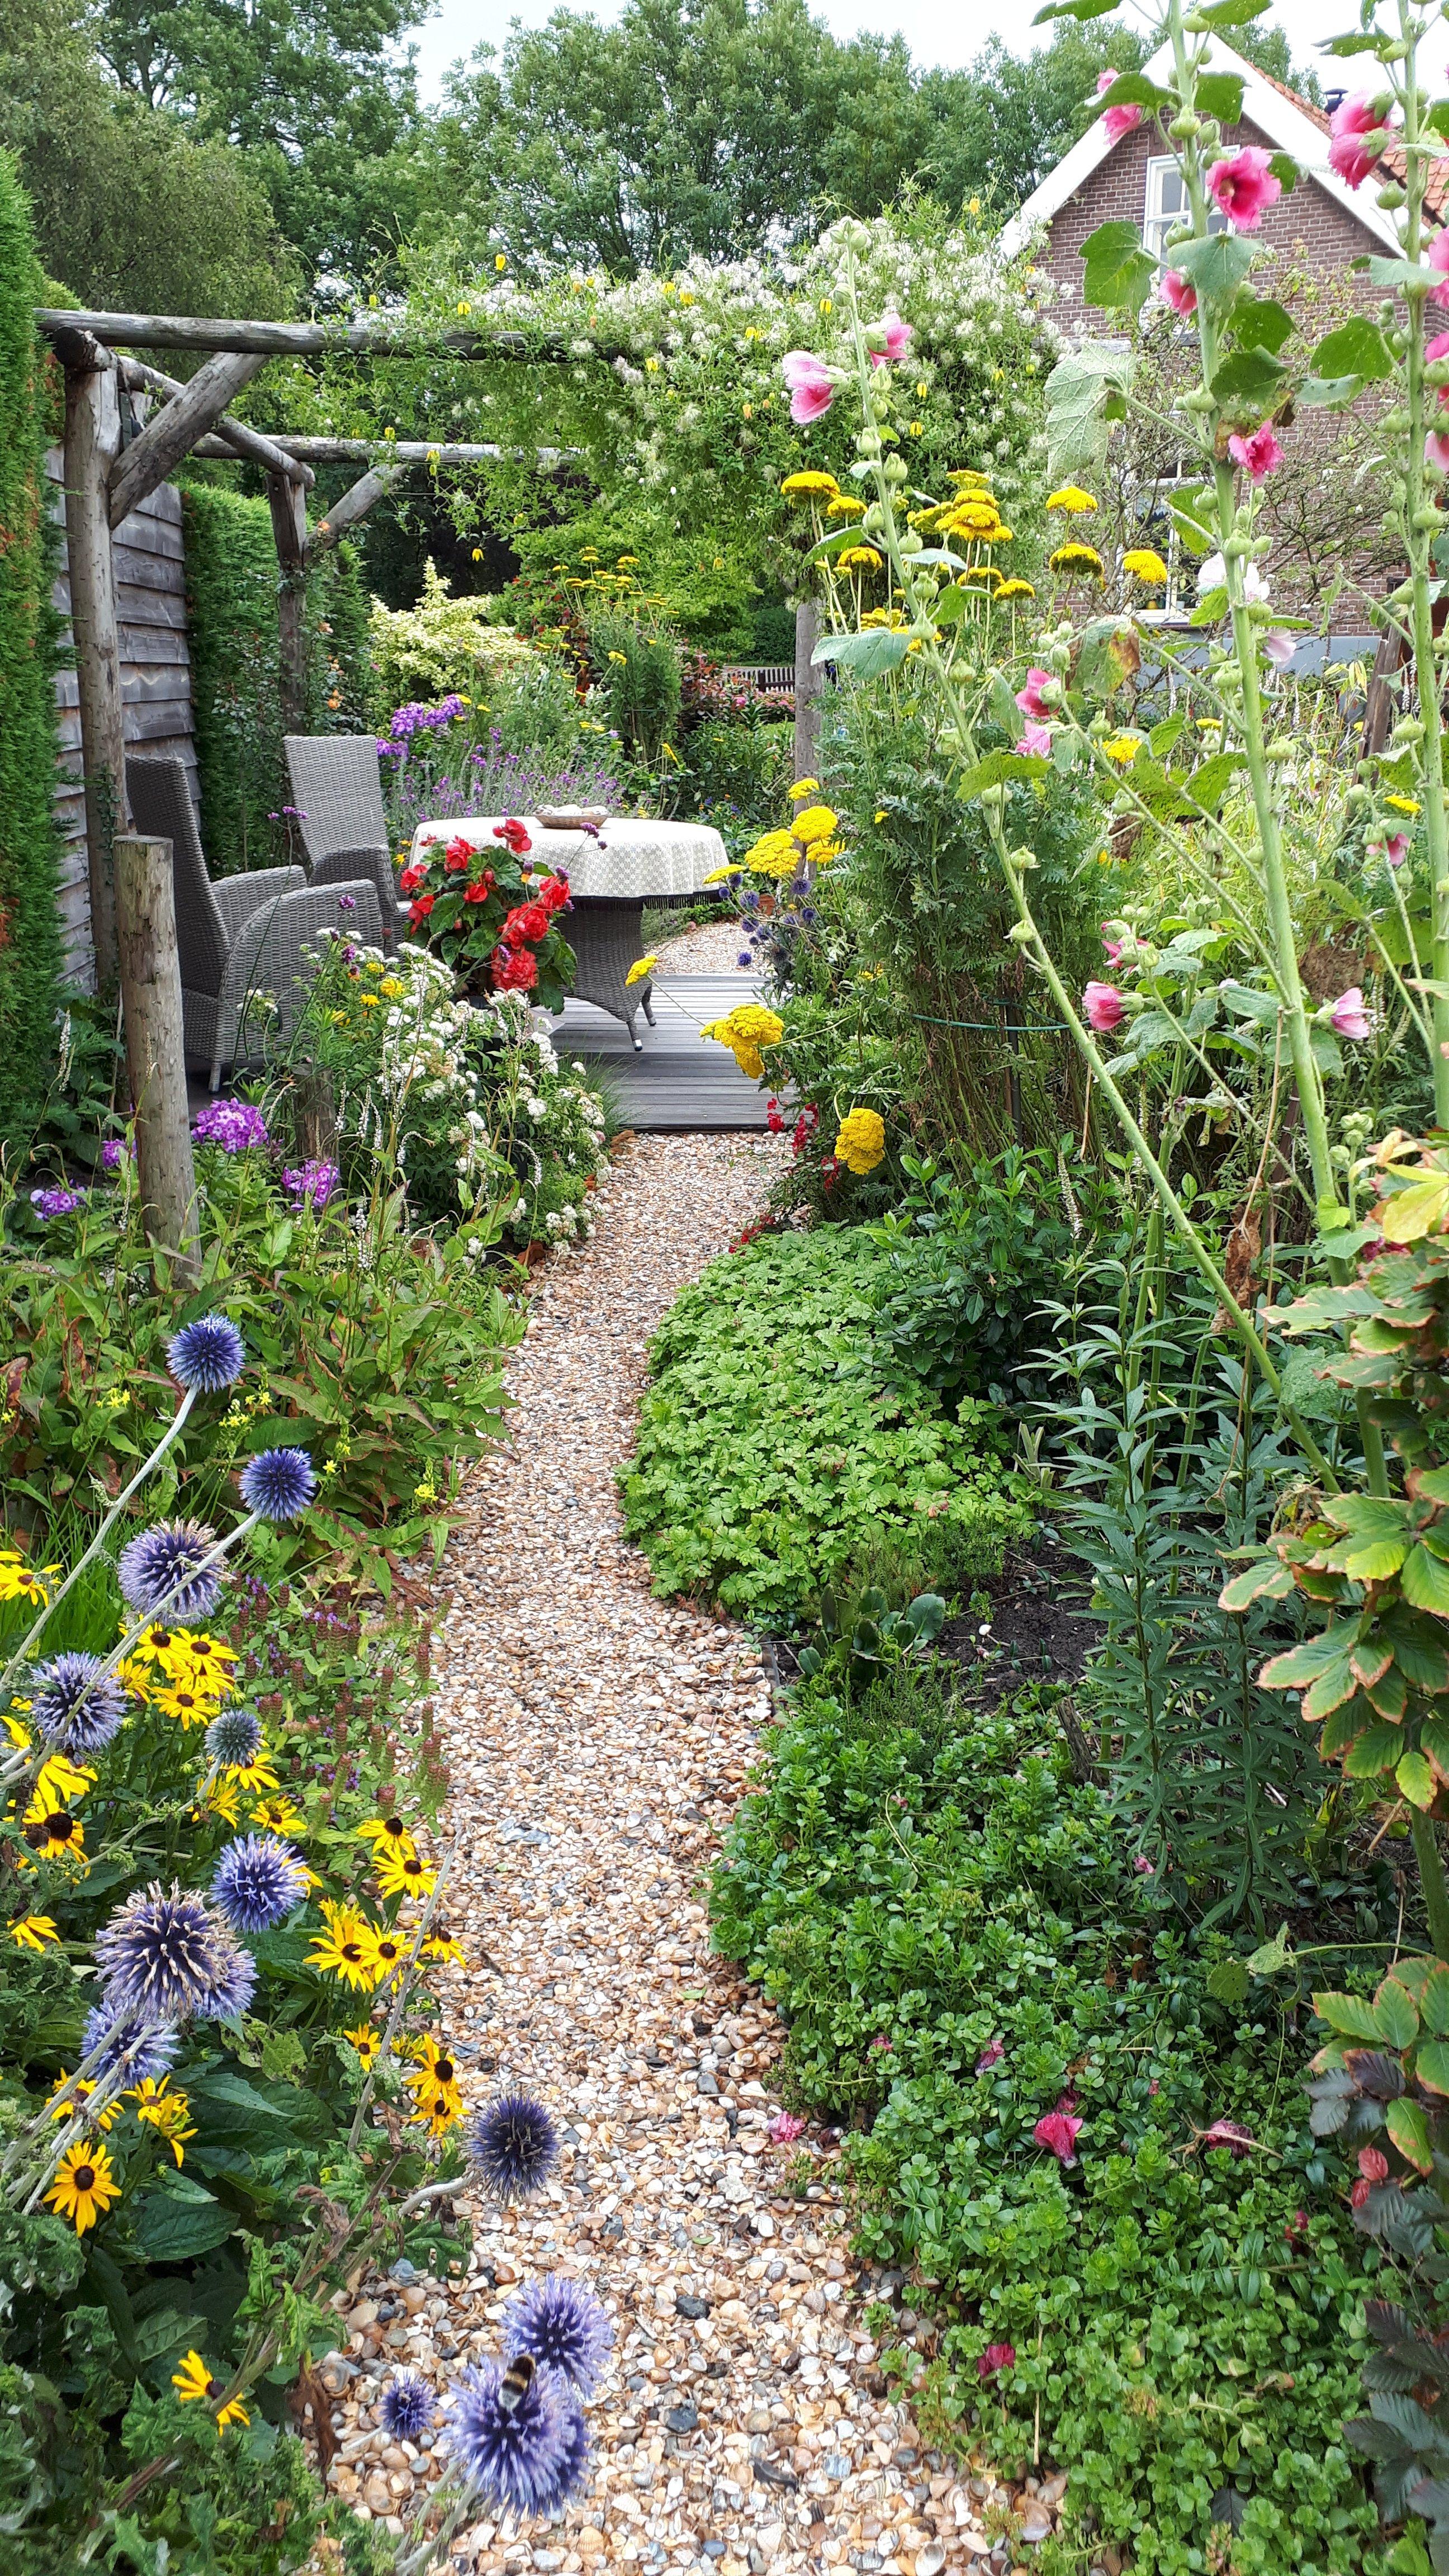 een leven zonder dromen is als een tuin zonder bloemen on